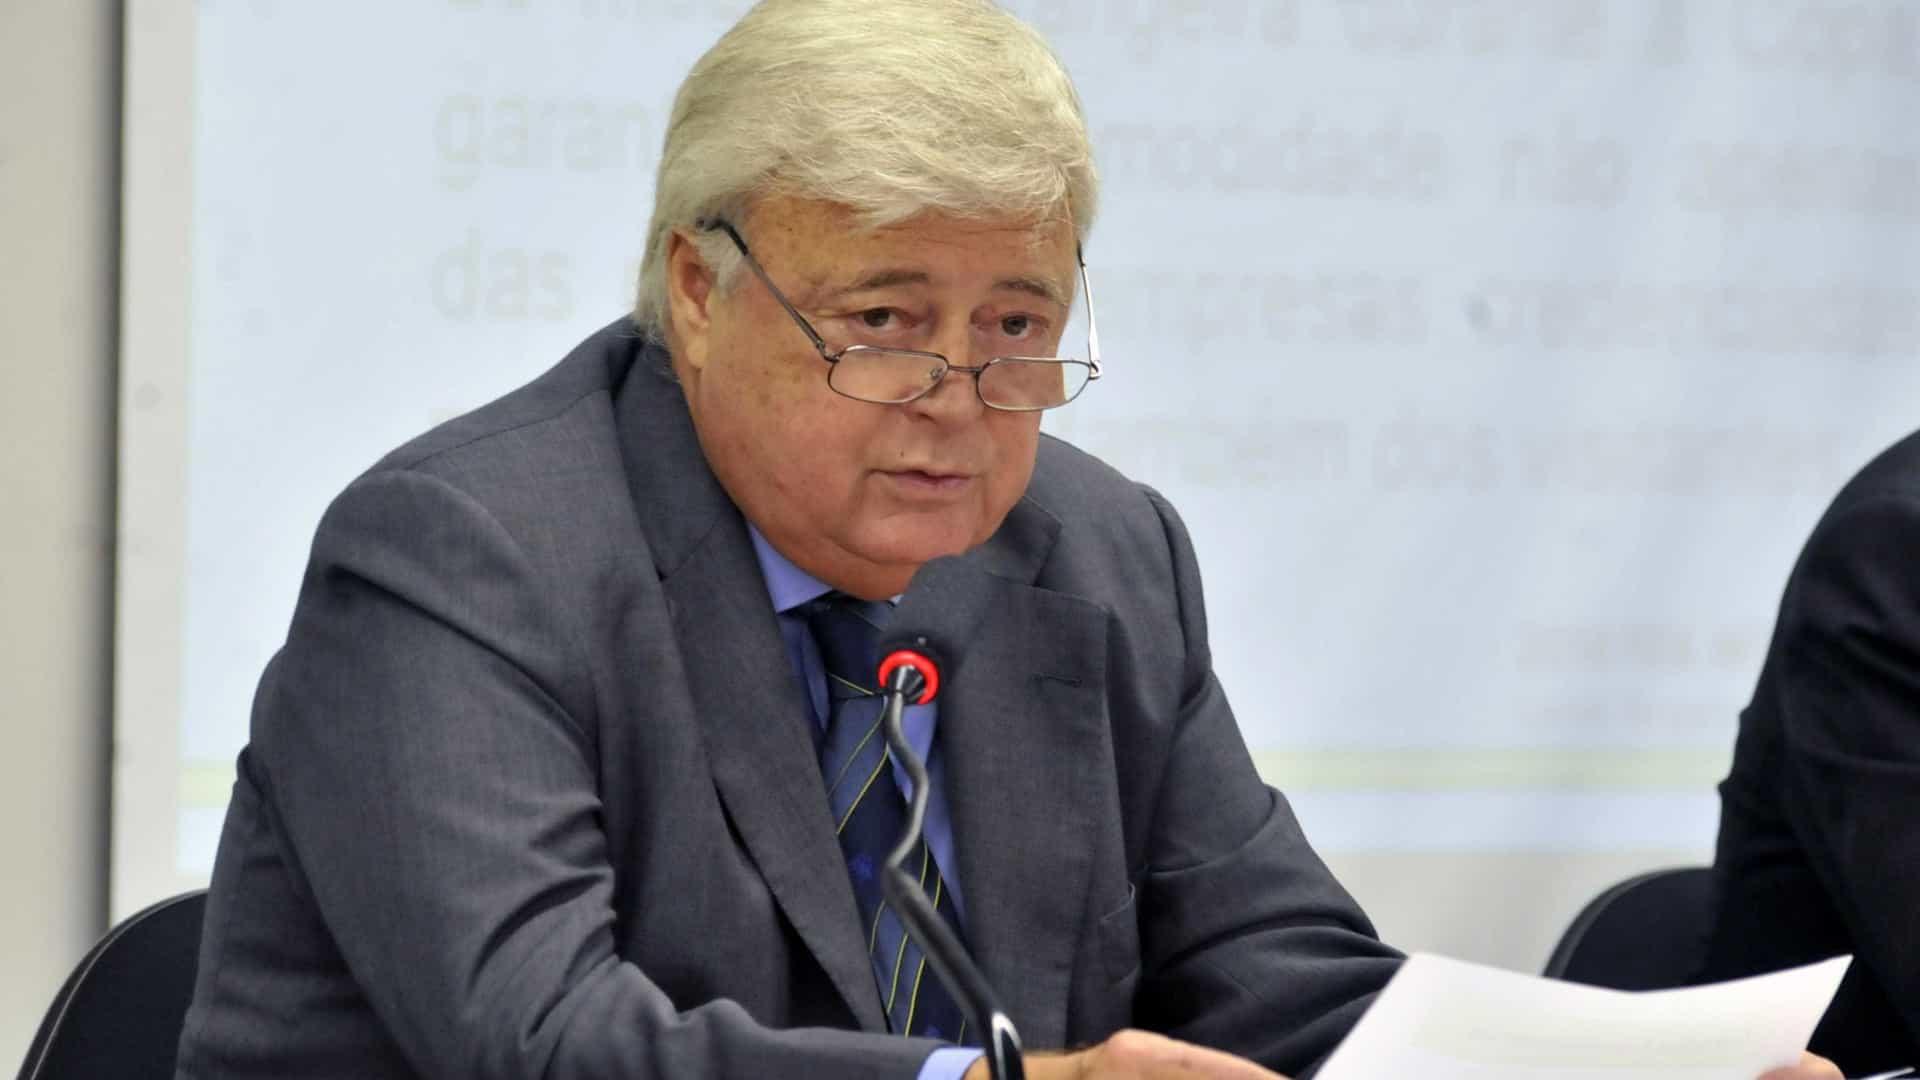 ricardo teixeira cbf - Ex-presidente da CBF, Ricardo Teixeira é banido pela Fifa por corrupção